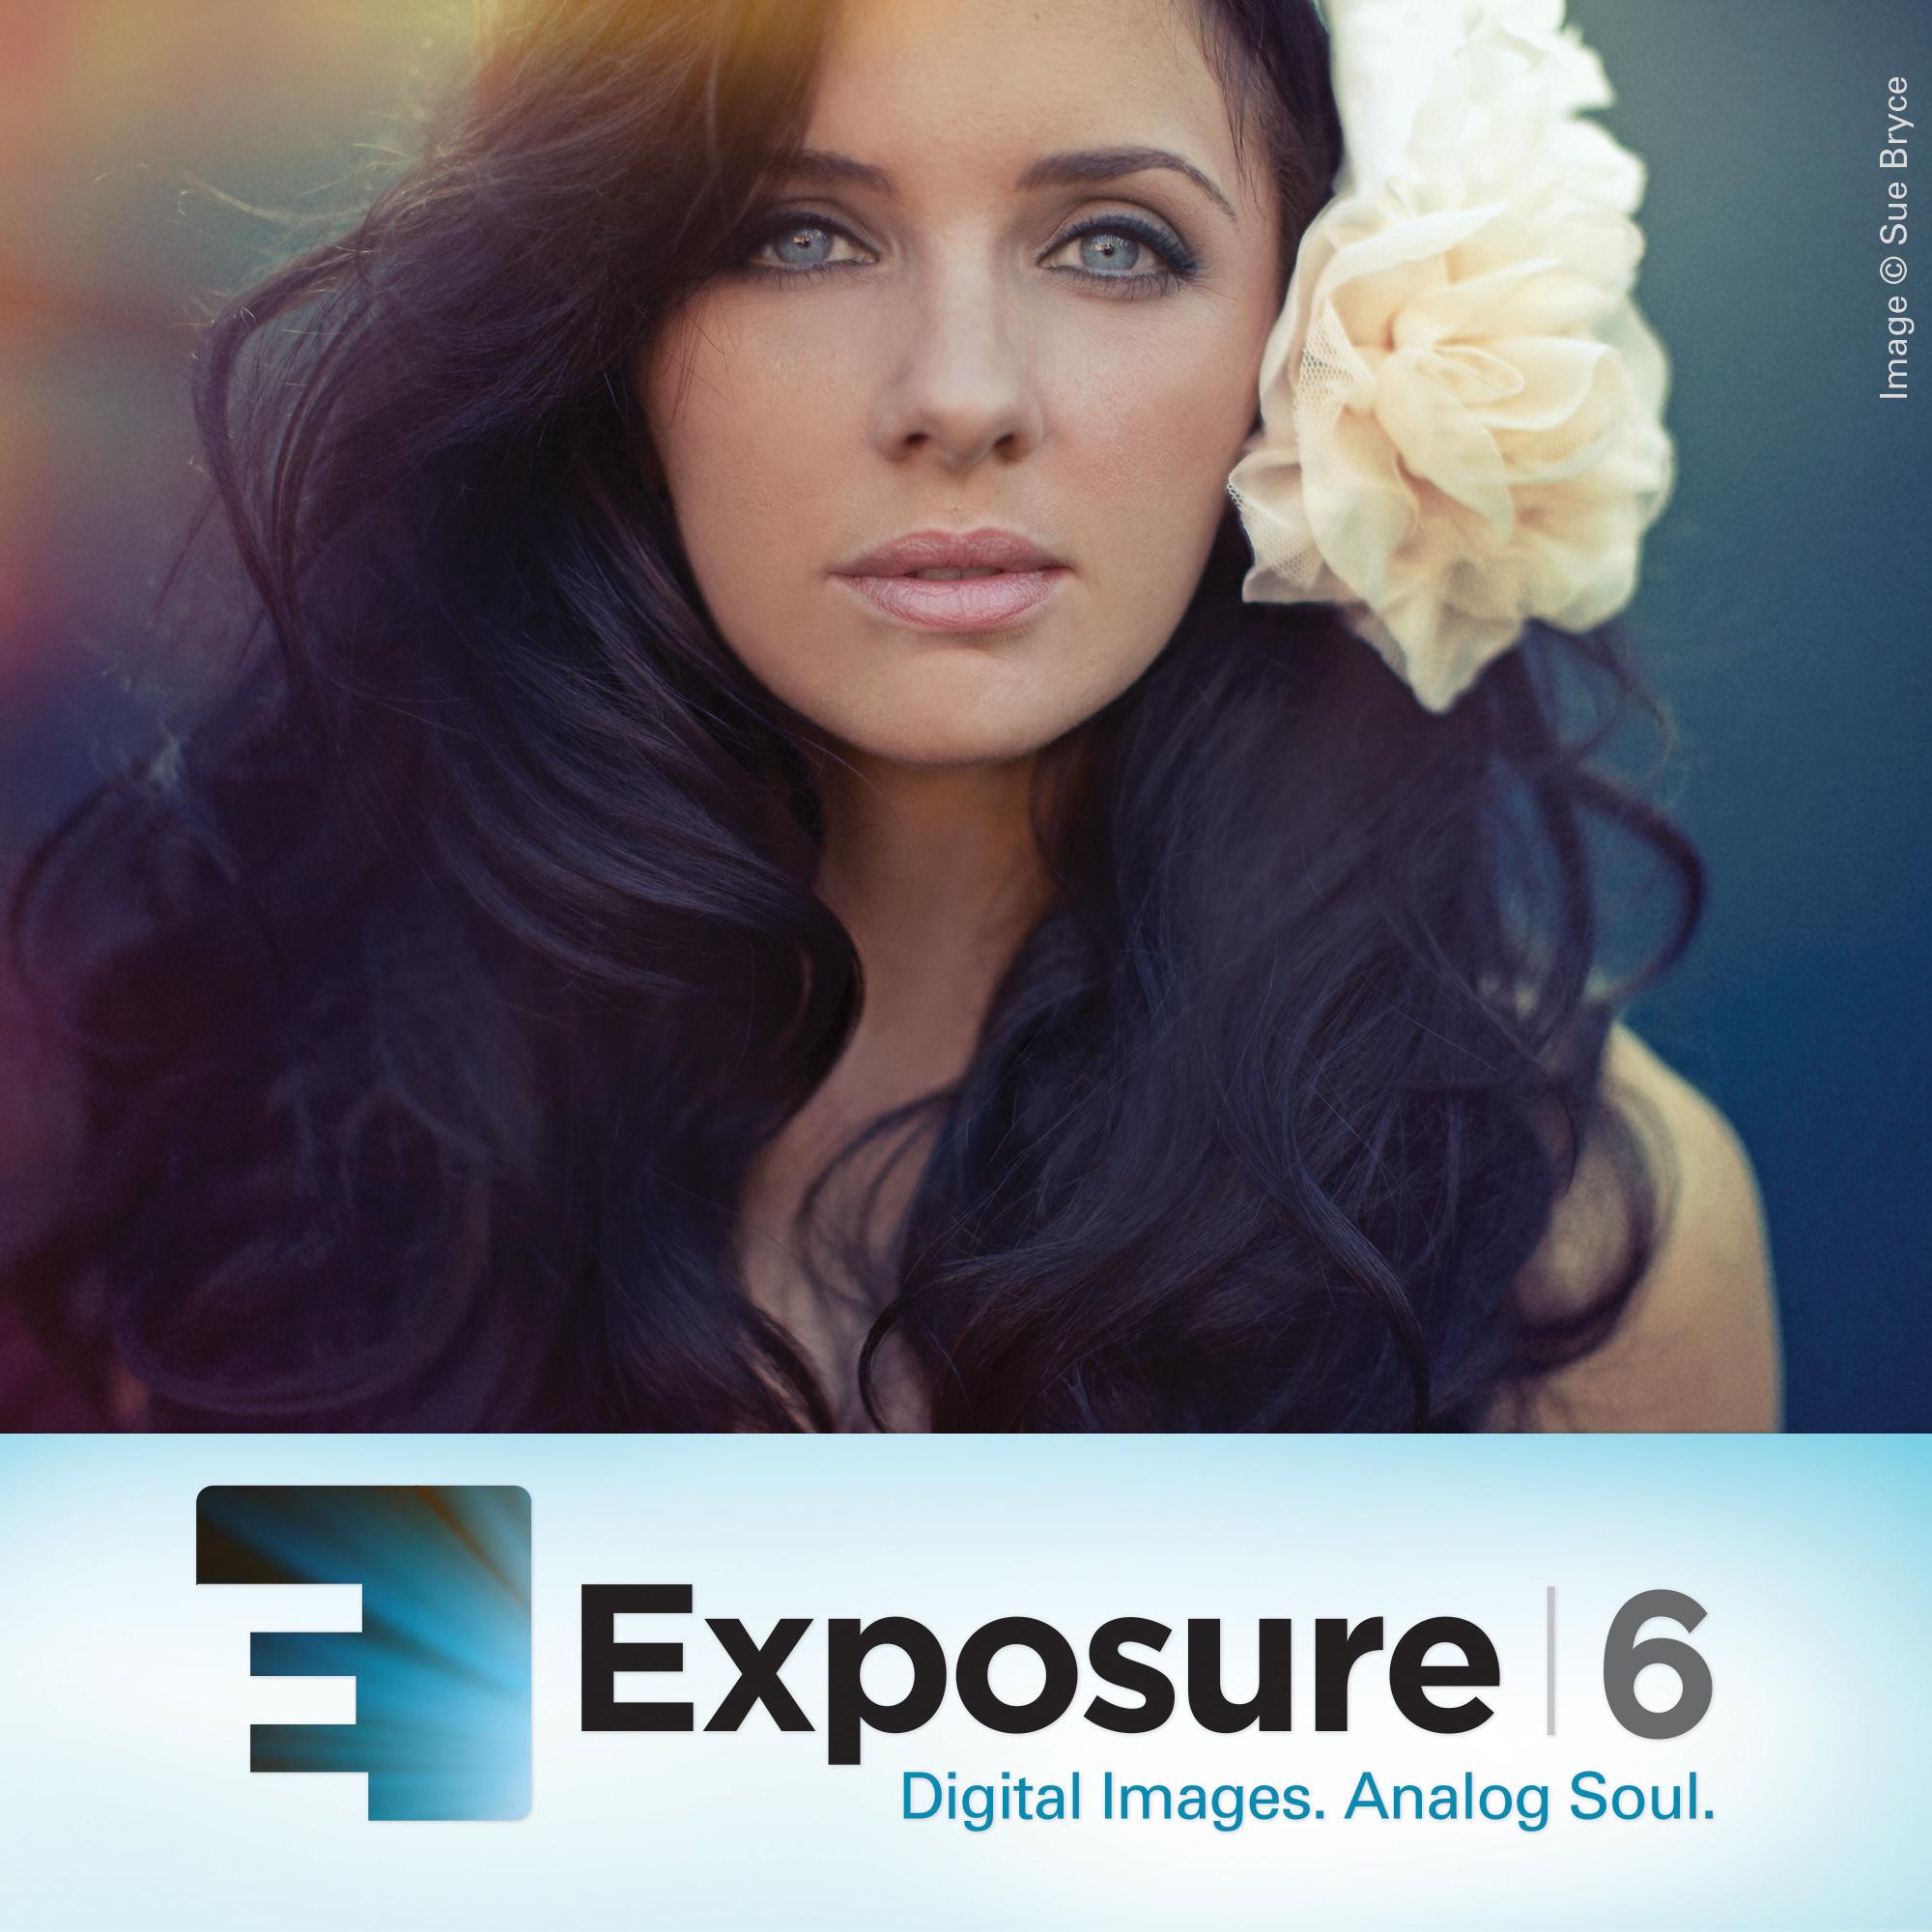 Exposure 6 Sue Bryce